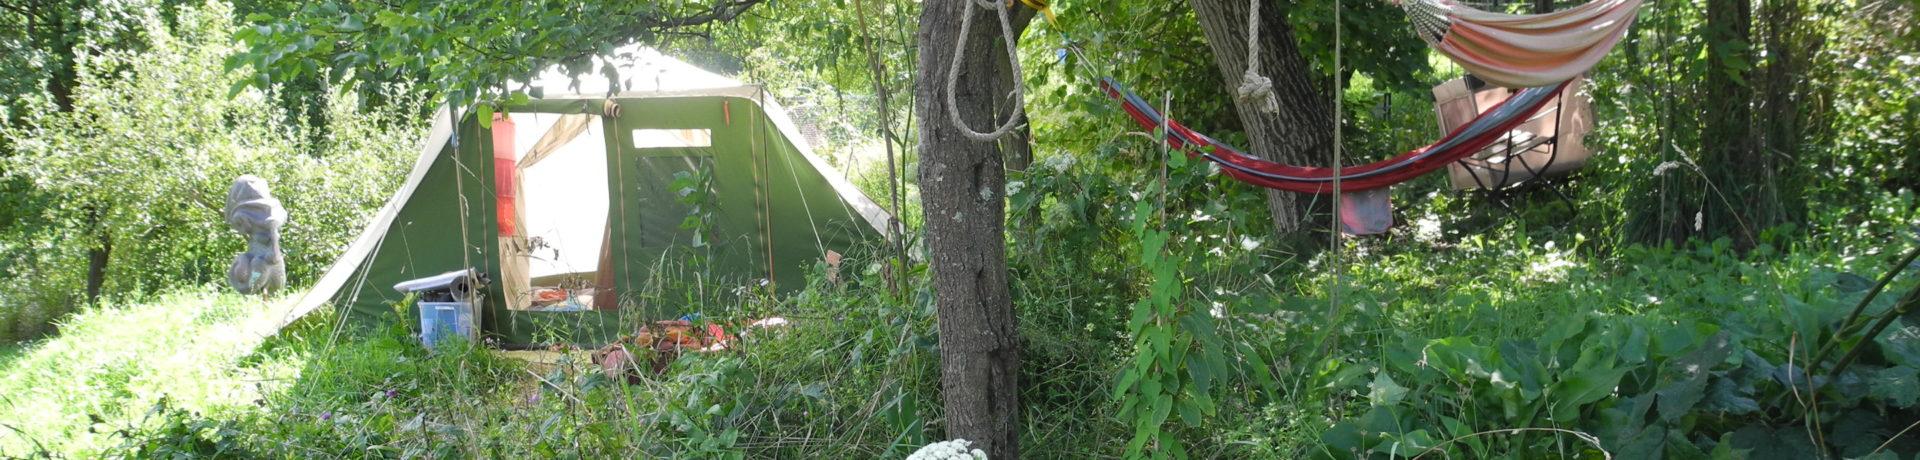 Hunza Ecolodge is een charme camping met bijzondere glampingtenten midden in de natuur in het Zuiden van Hongarije in het comitaat (provincie) Baranya.